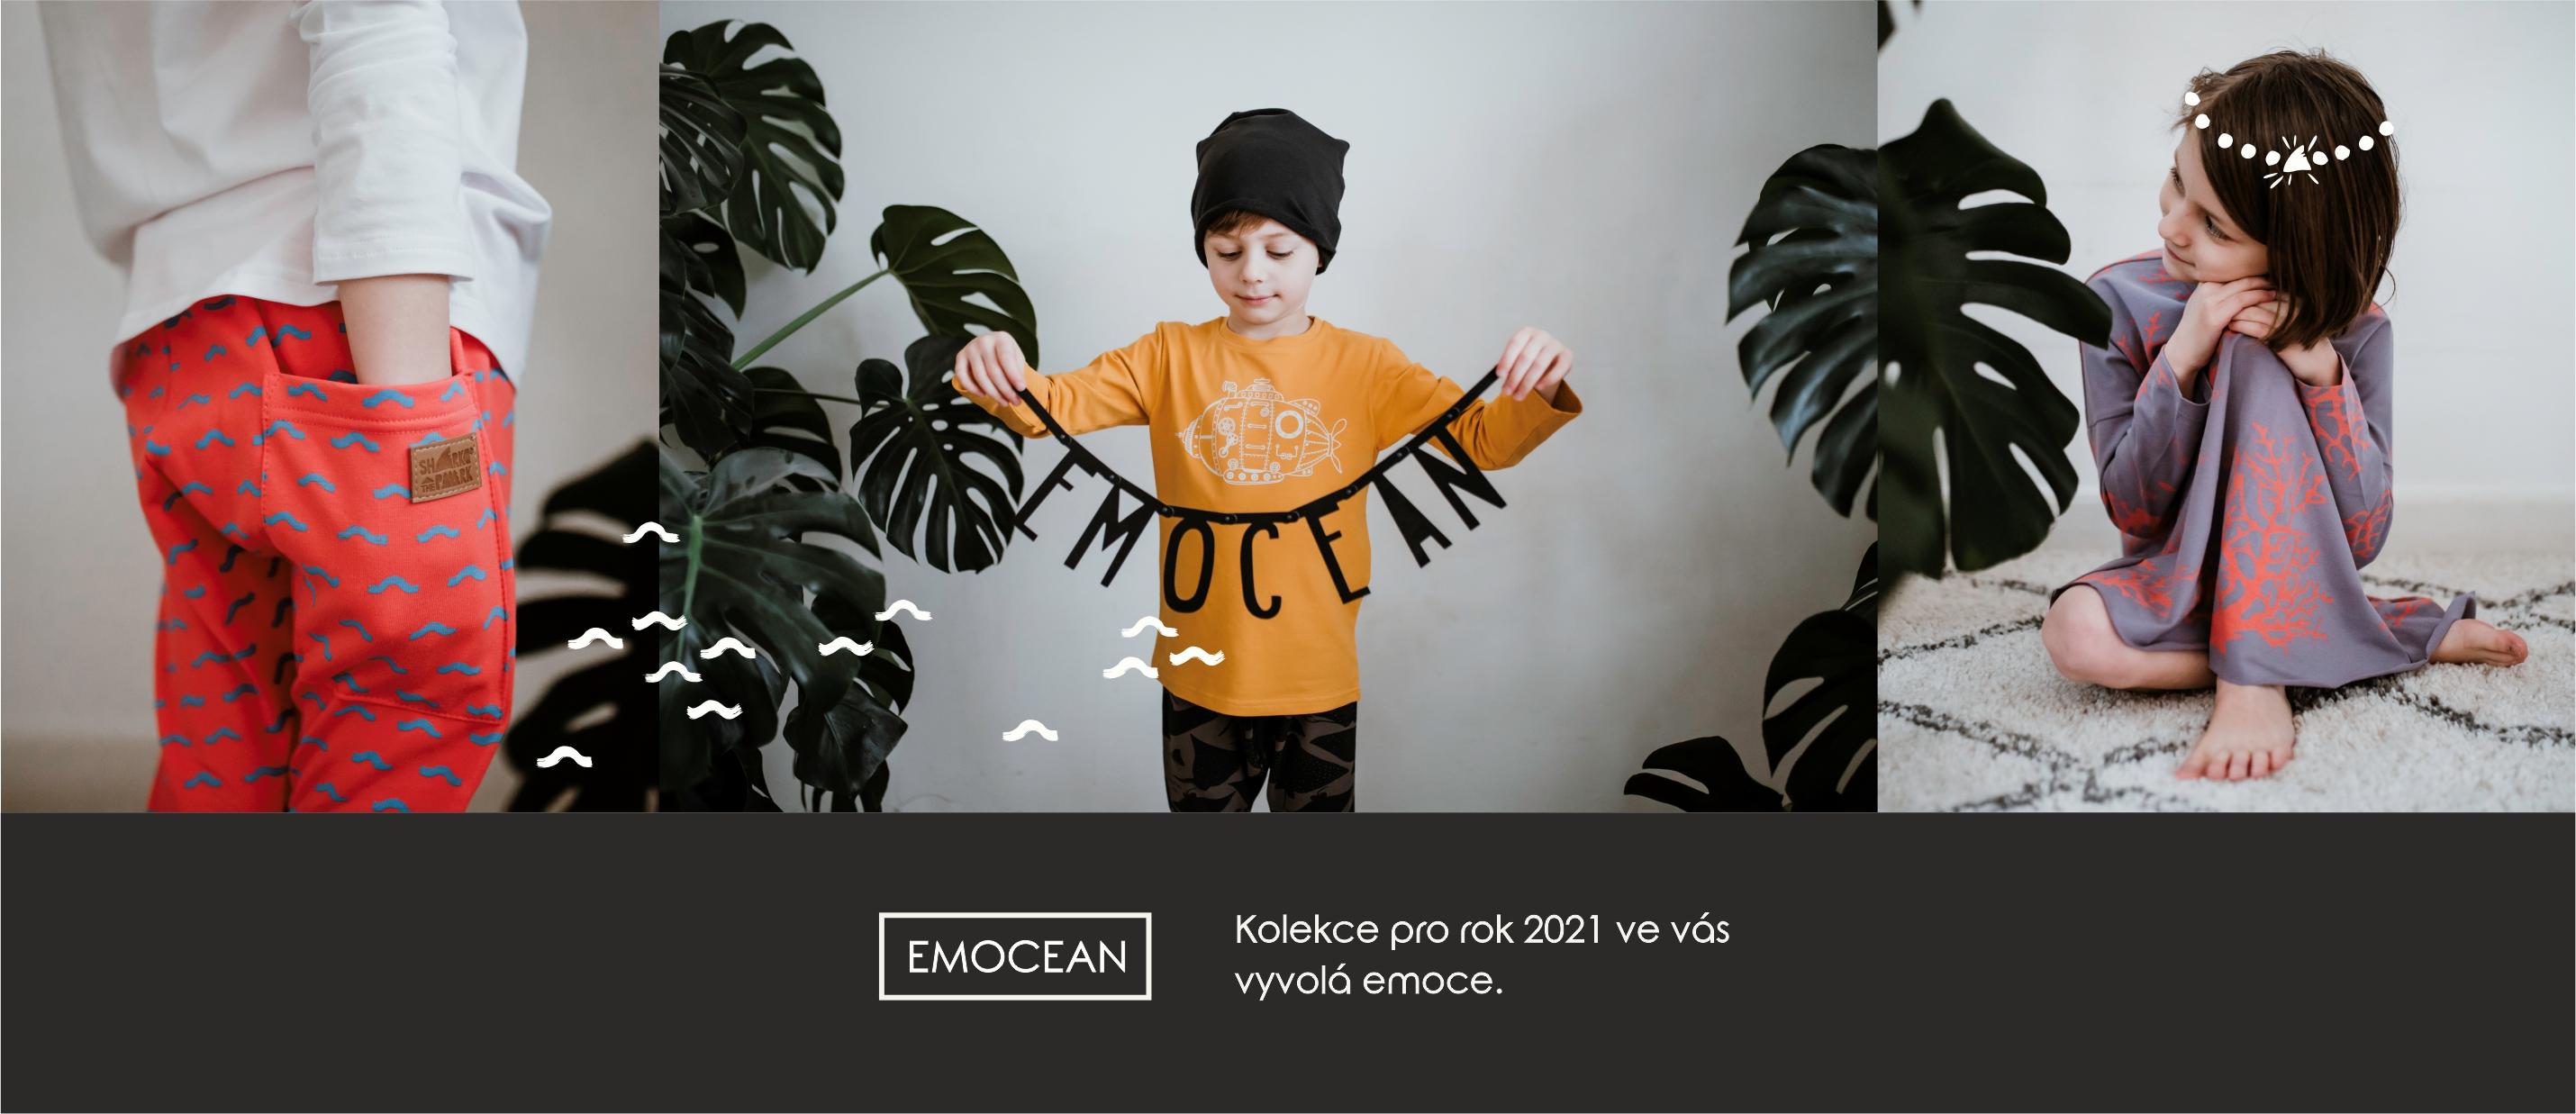 Oblečení pro děti i dospělé